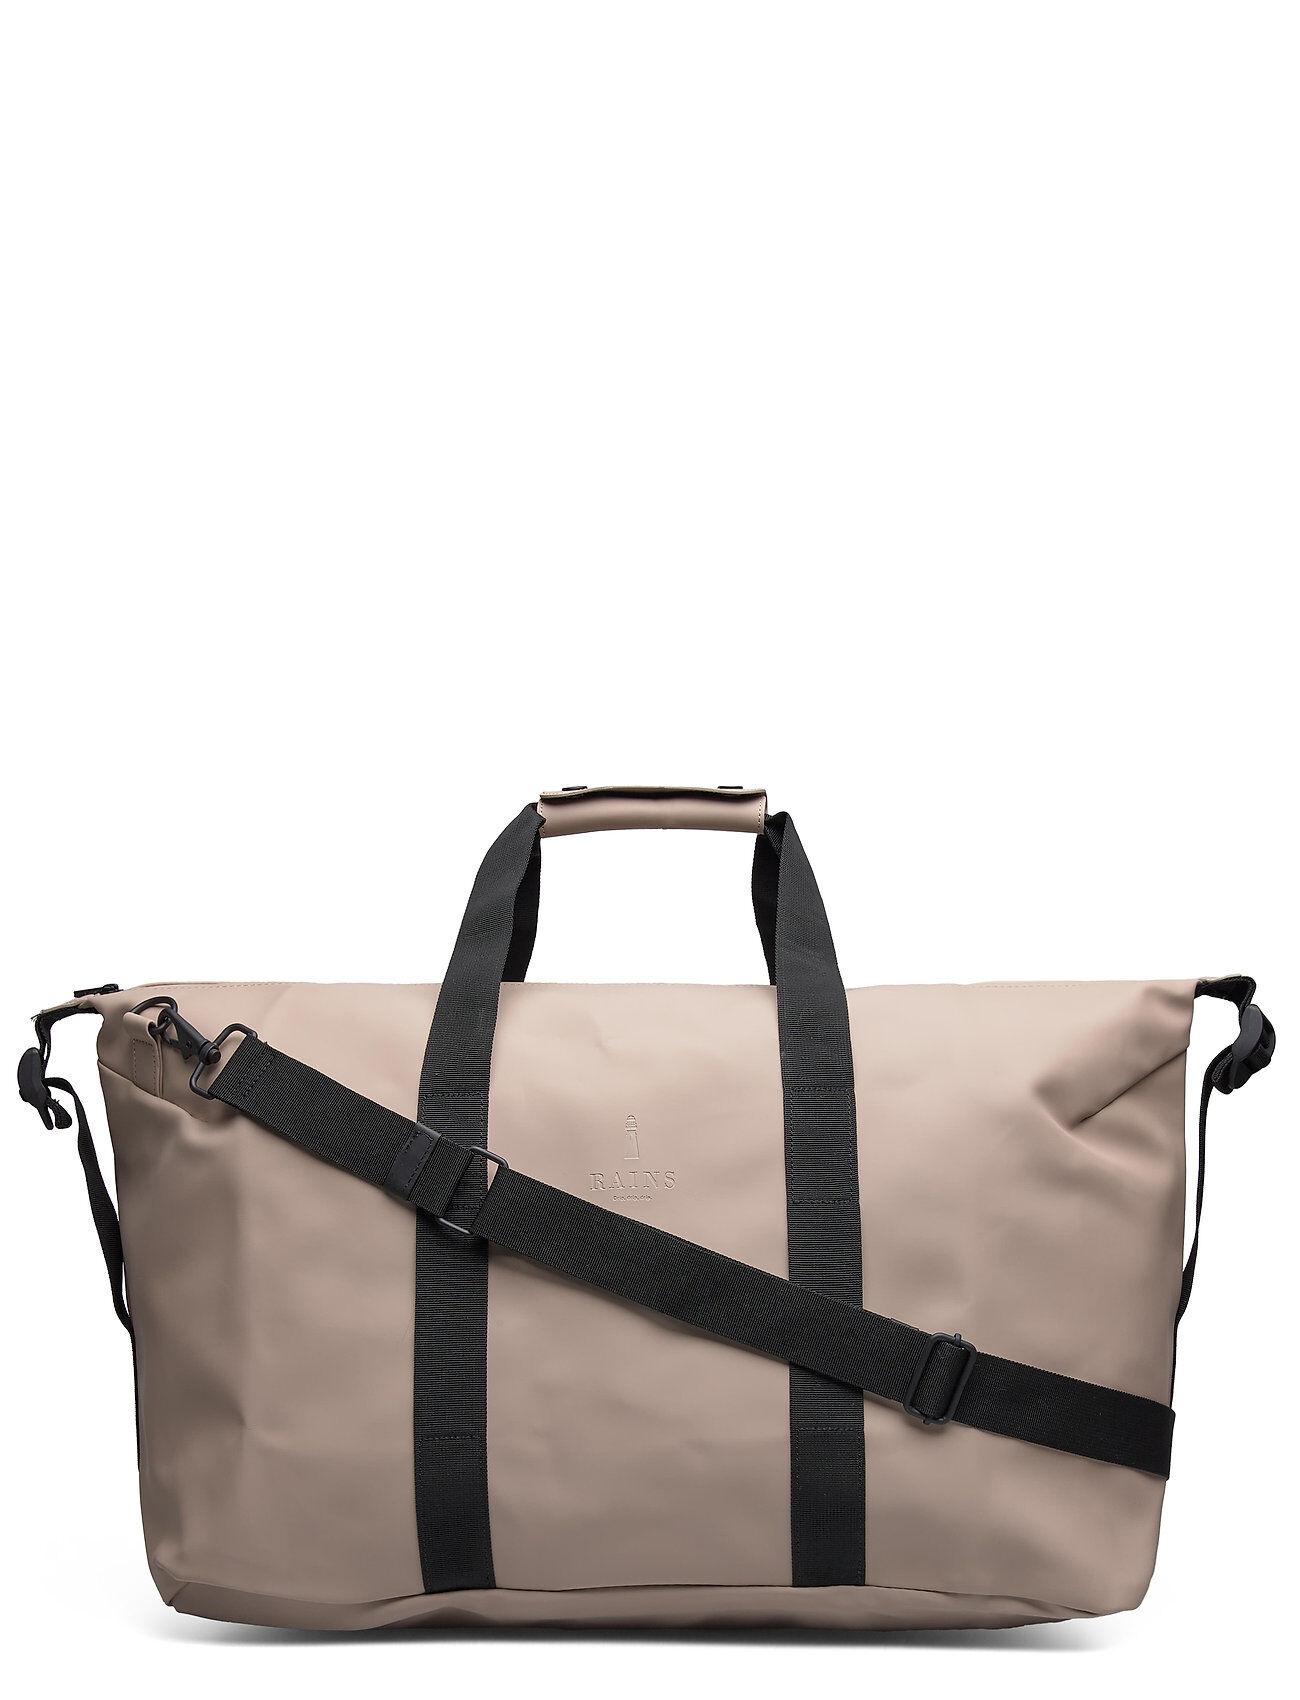 Rains Weekend Bag Bags Weekend & Gym Bags Beige Rains